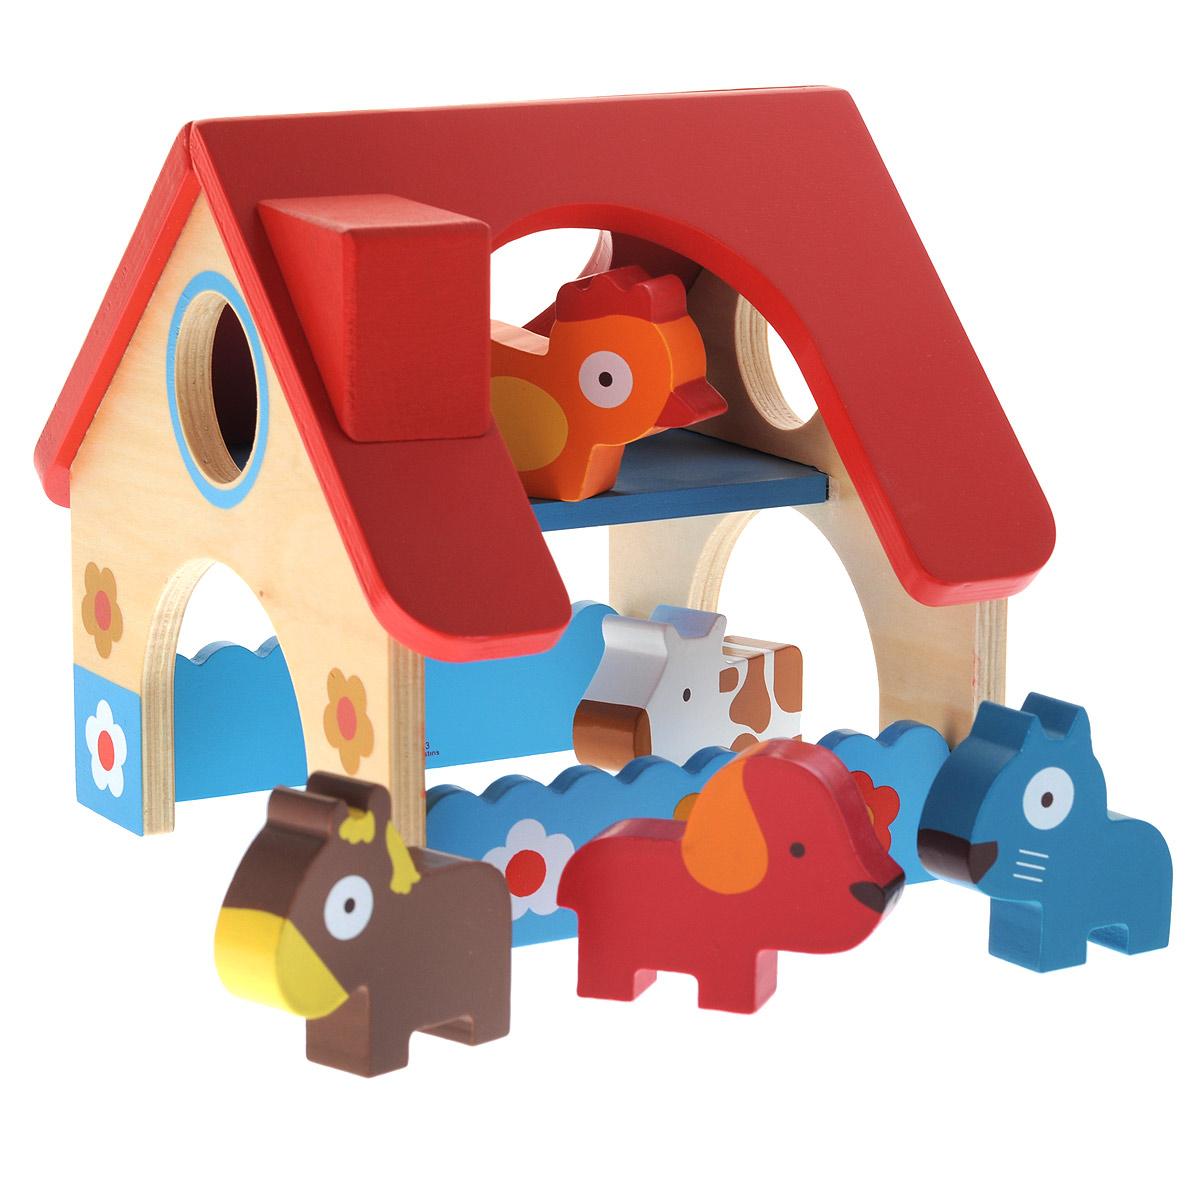 Djeco Игровой набор Деревянная ферма06388Игровой набор Djeco Деревянная ферма понравится вашему малышу. Он выполнен из дерева, выкрашенного нетоксичными красками, и включает игрушку в виде домика и пять фигурок животных разных цветов: лошадку, коровку, собачку, кошку и курочку. Они готовы к новым приключениям на ферме, которые с удовольствием придумает ваш малыш. Внутри домика - два этажа. В крыше имеются отверстия. Также домик оснащен стойлом и двумя арками. Игровой набор Djeco Деревянная ферма способствует развитию моторики пальчиков рук, логического мышления, зрительной памяти. В игровой форме ребенок познакомится с прекрасным миром домашних животных.